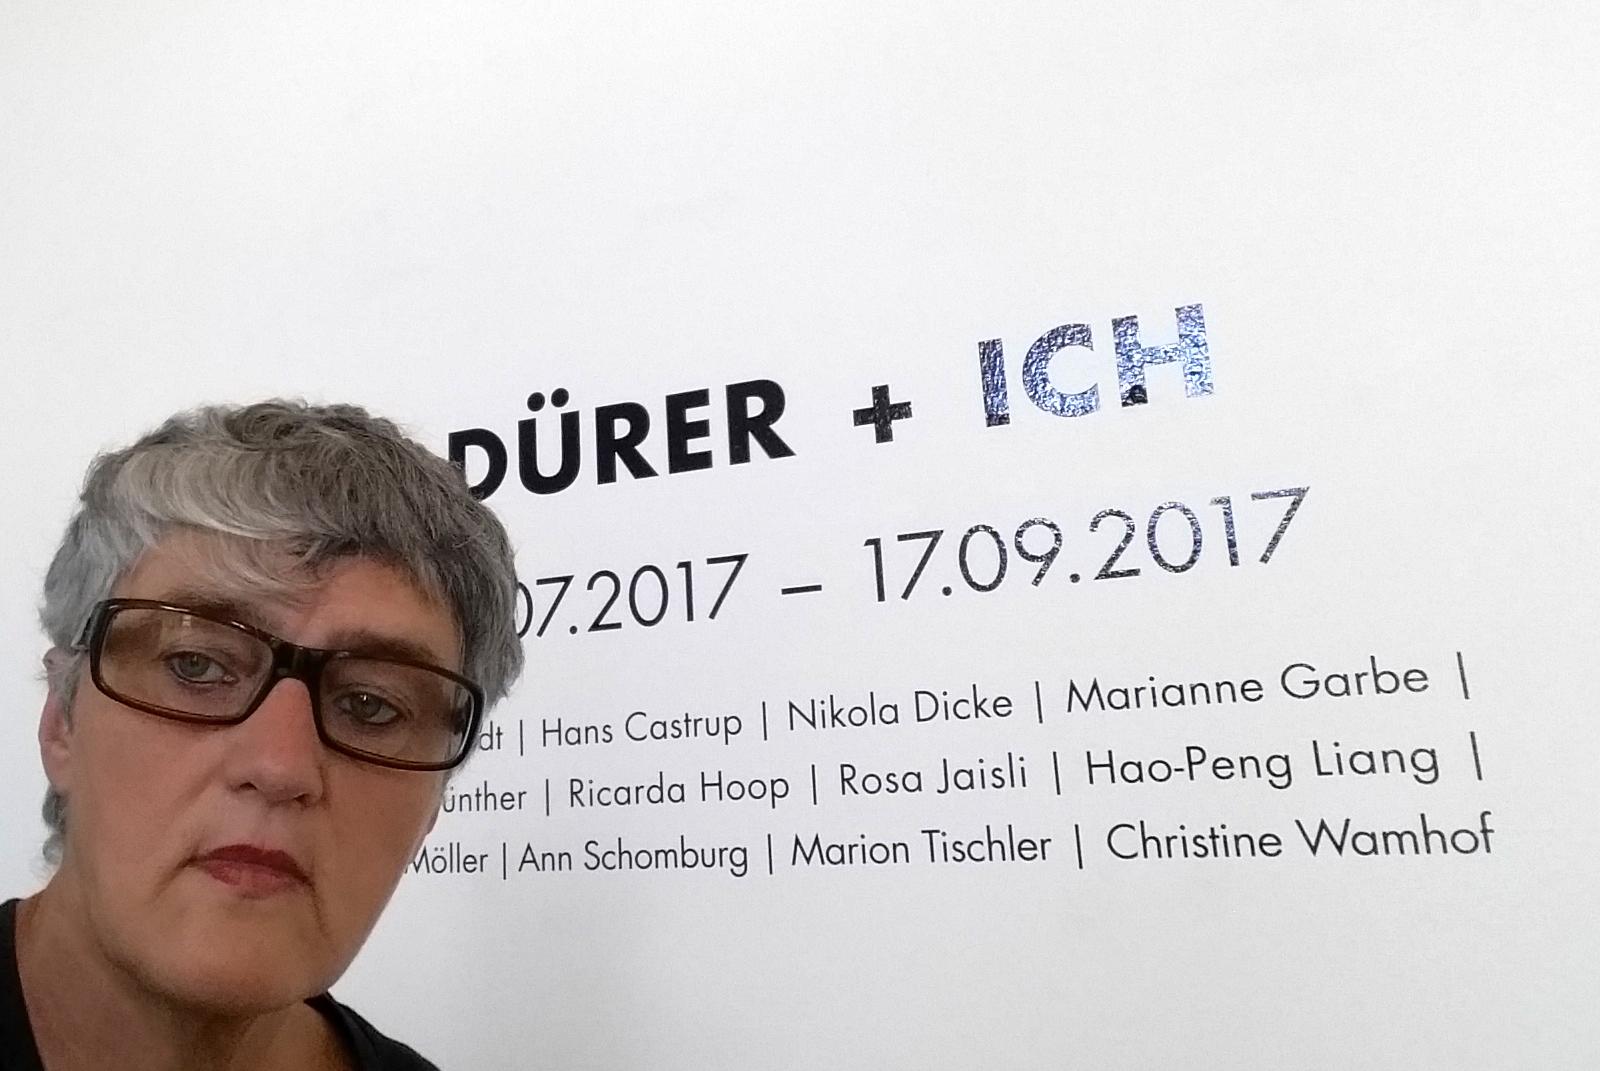 20170813_162302_duererundich